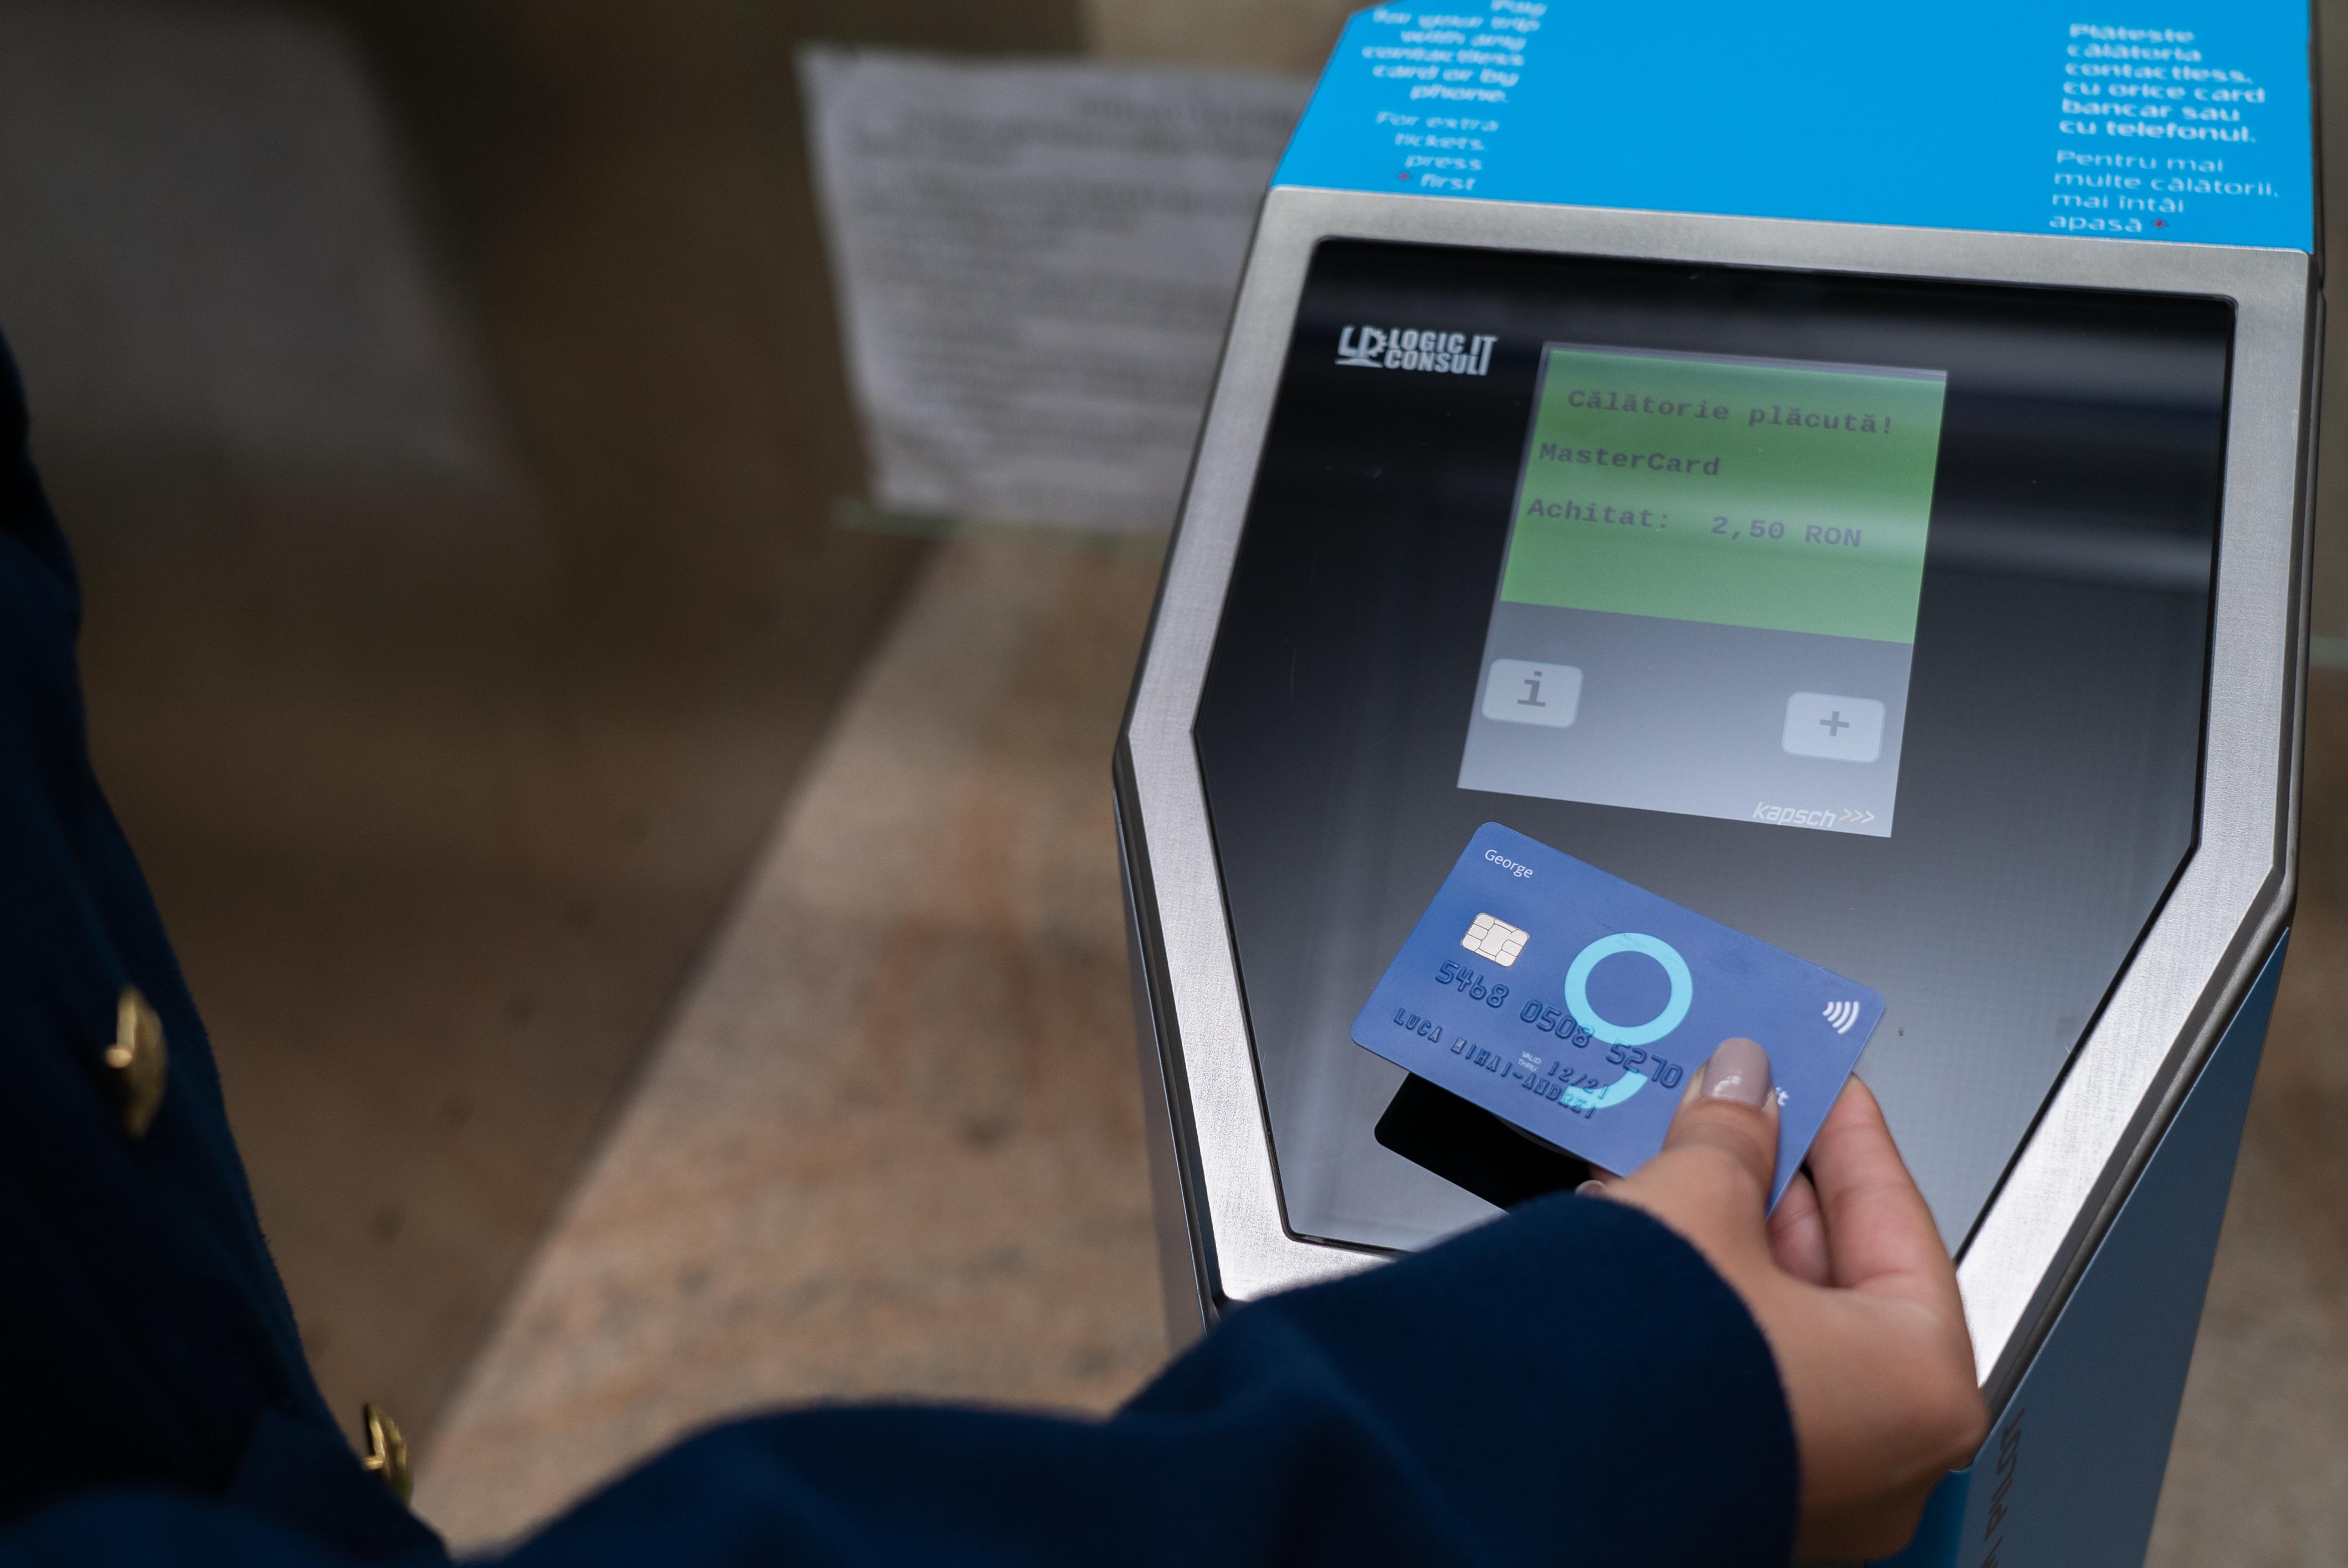 Plata la metrou cu cardul contactless, direct la porțile de acces, extinsă de Metrorex și BCR în toate stațiile cu acces modernizat